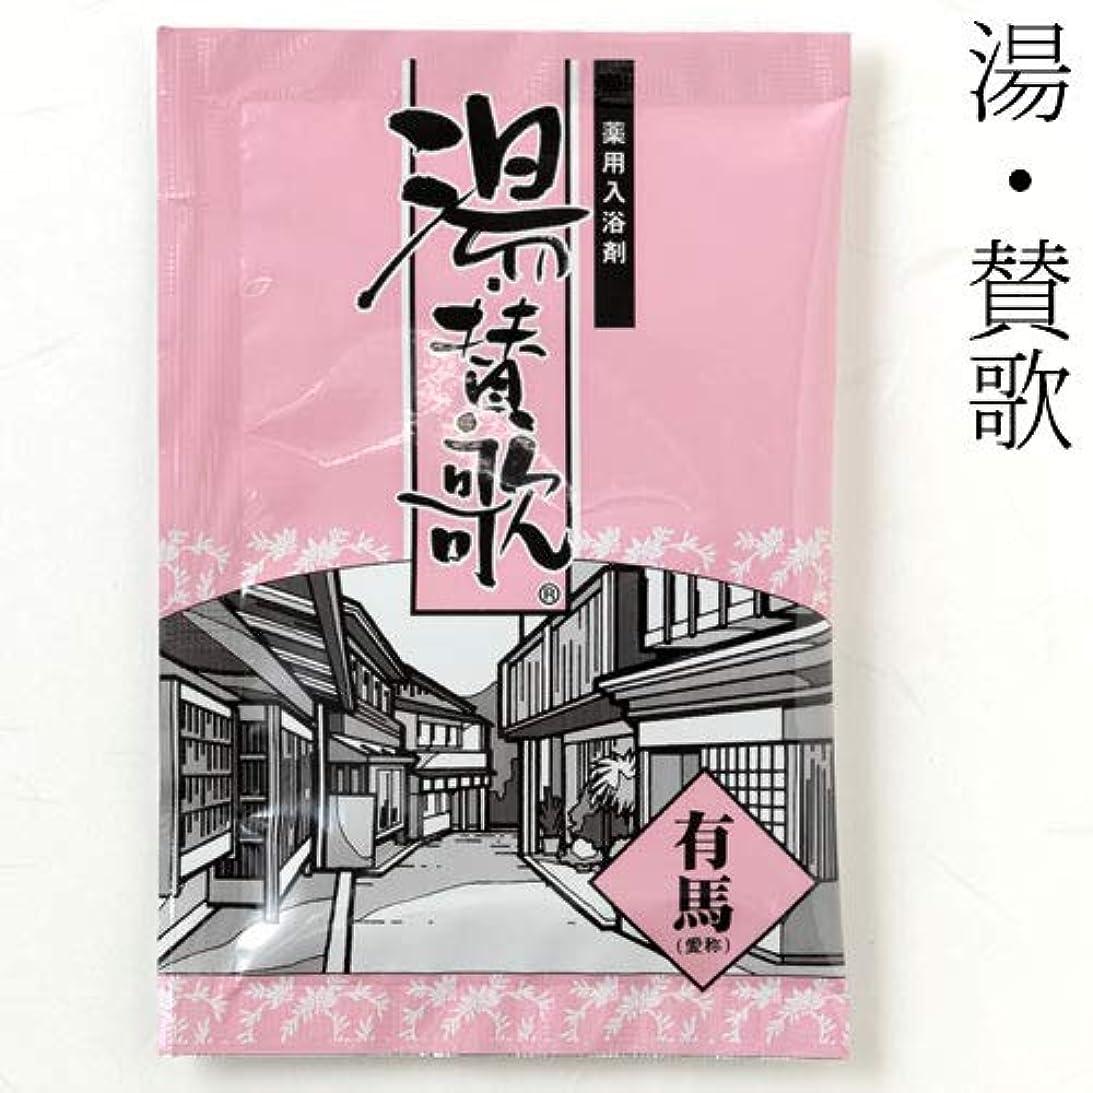 頼む比率不健康入浴剤湯?賛歌有馬1包石川県のお風呂グッズBath additive, Ishikawa craft